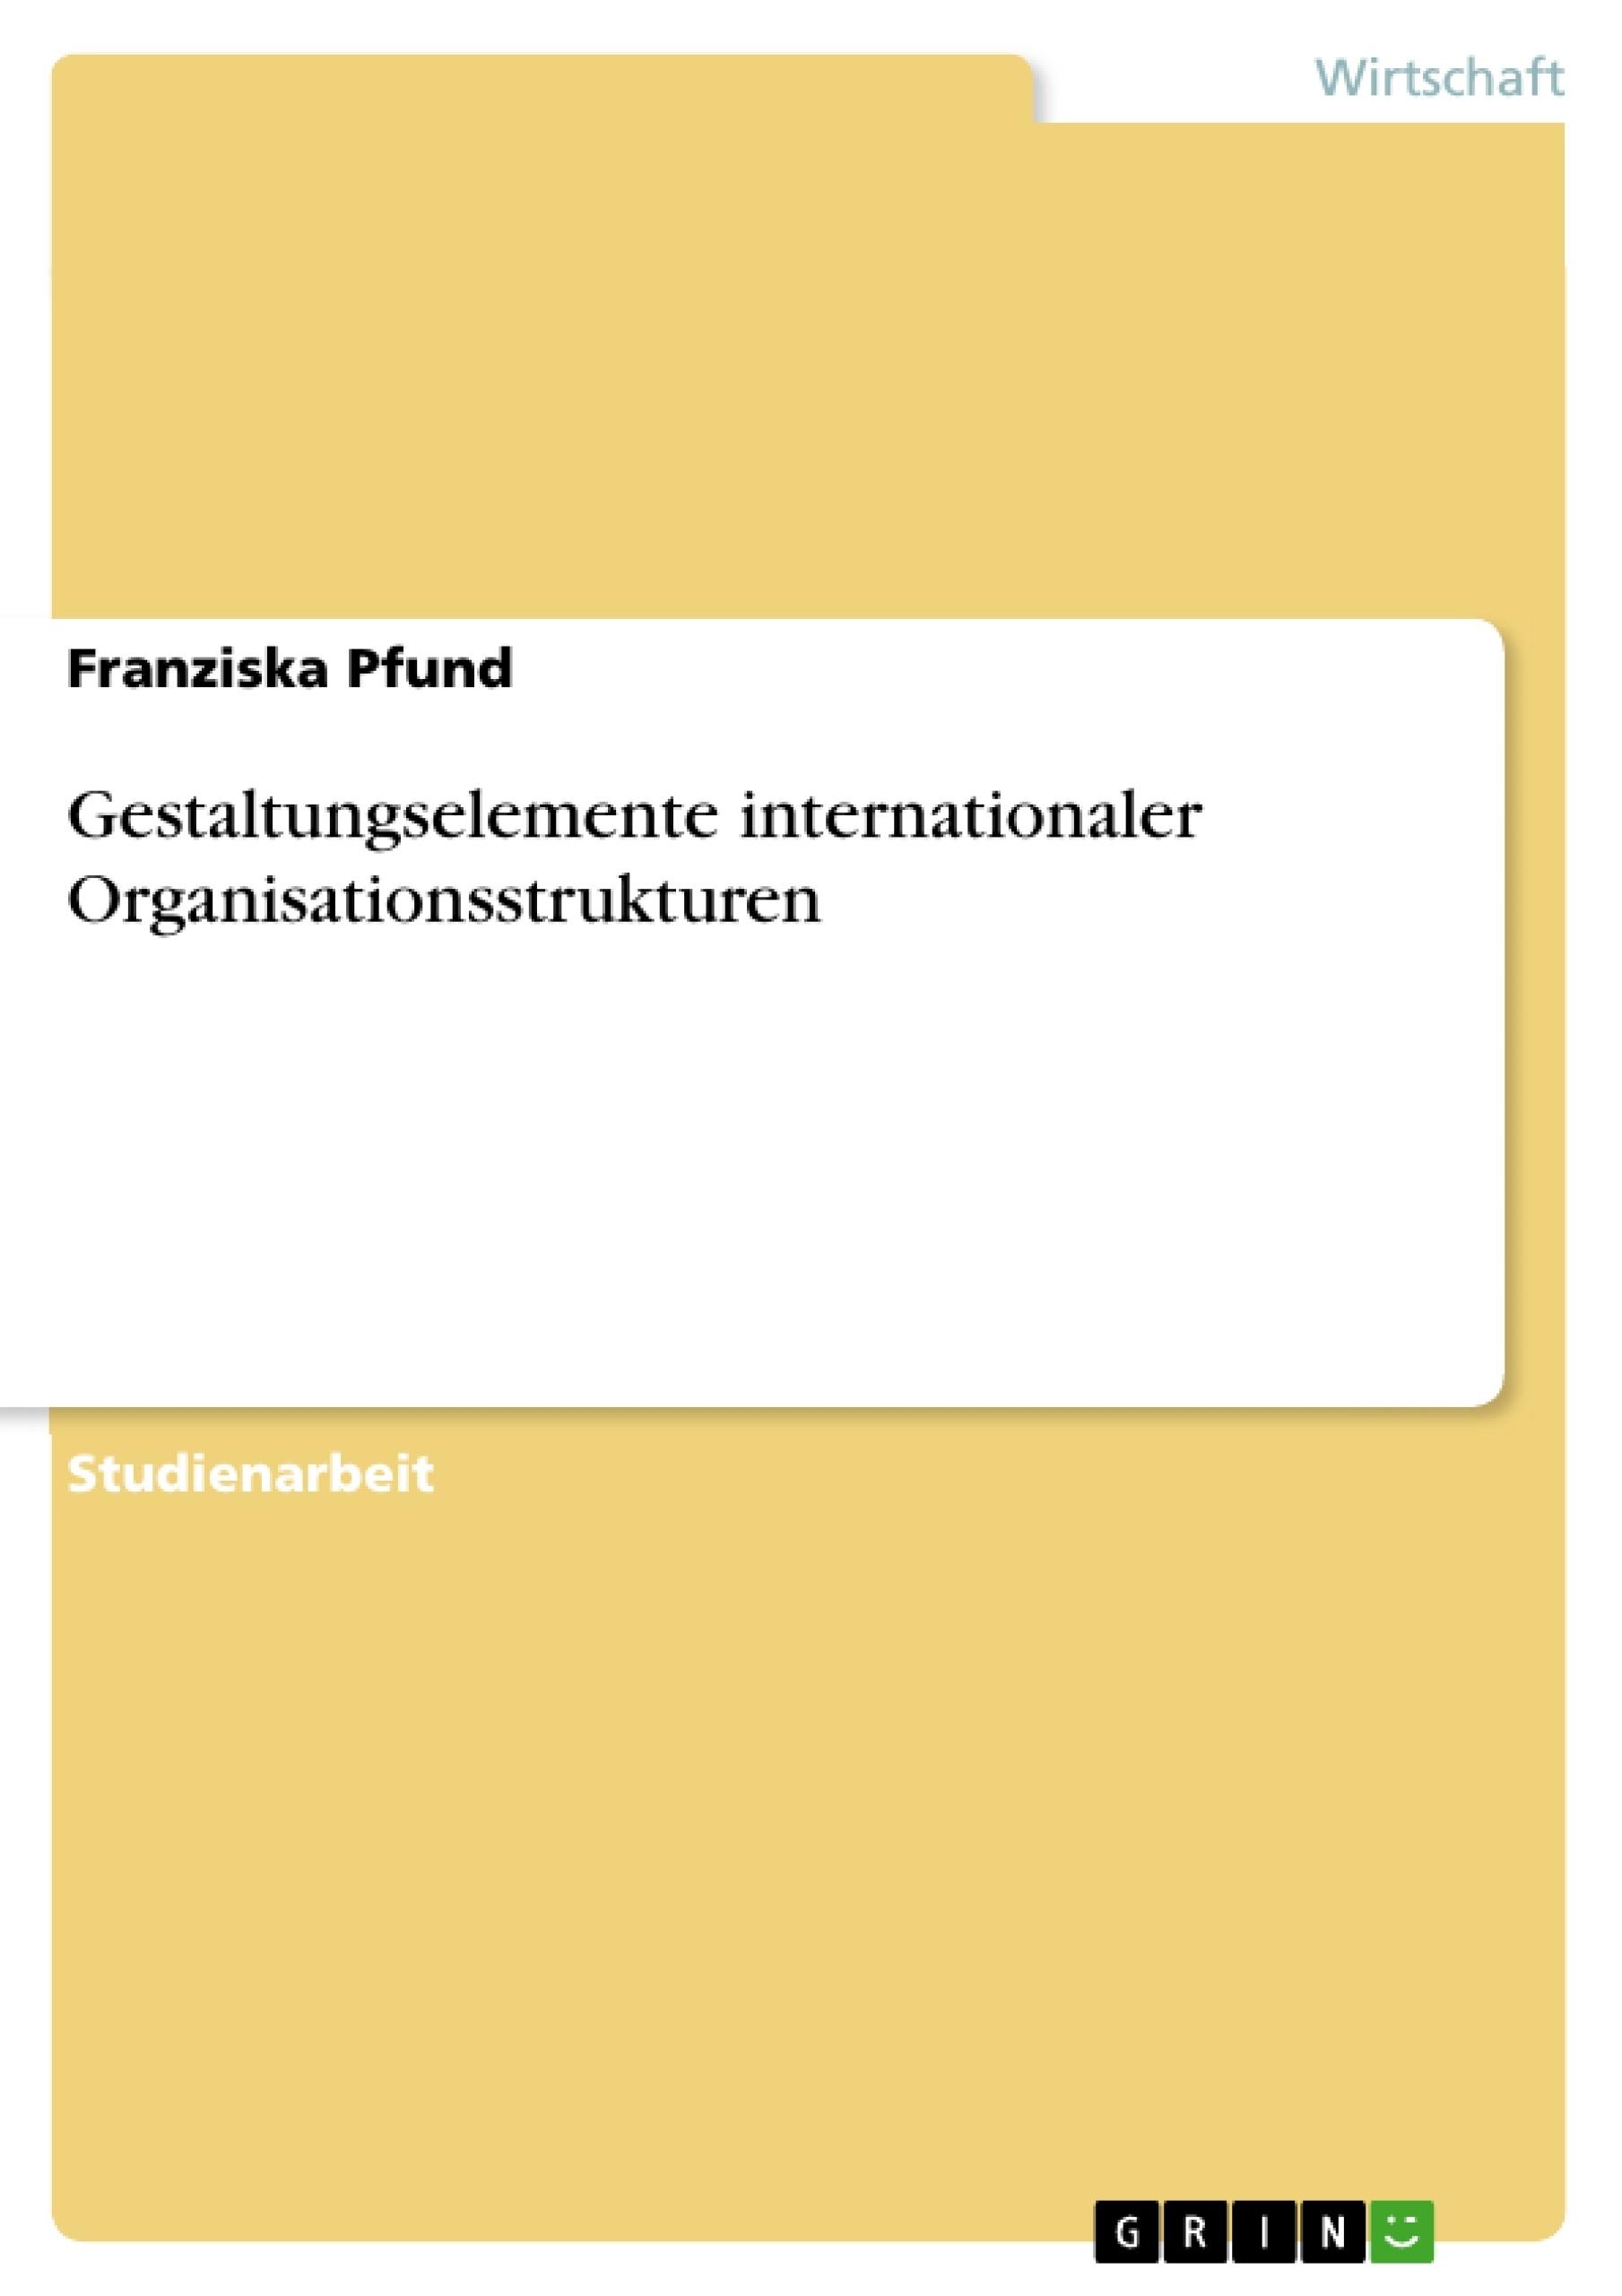 Titel: Gestaltungselemente internationaler Organisationsstrukturen